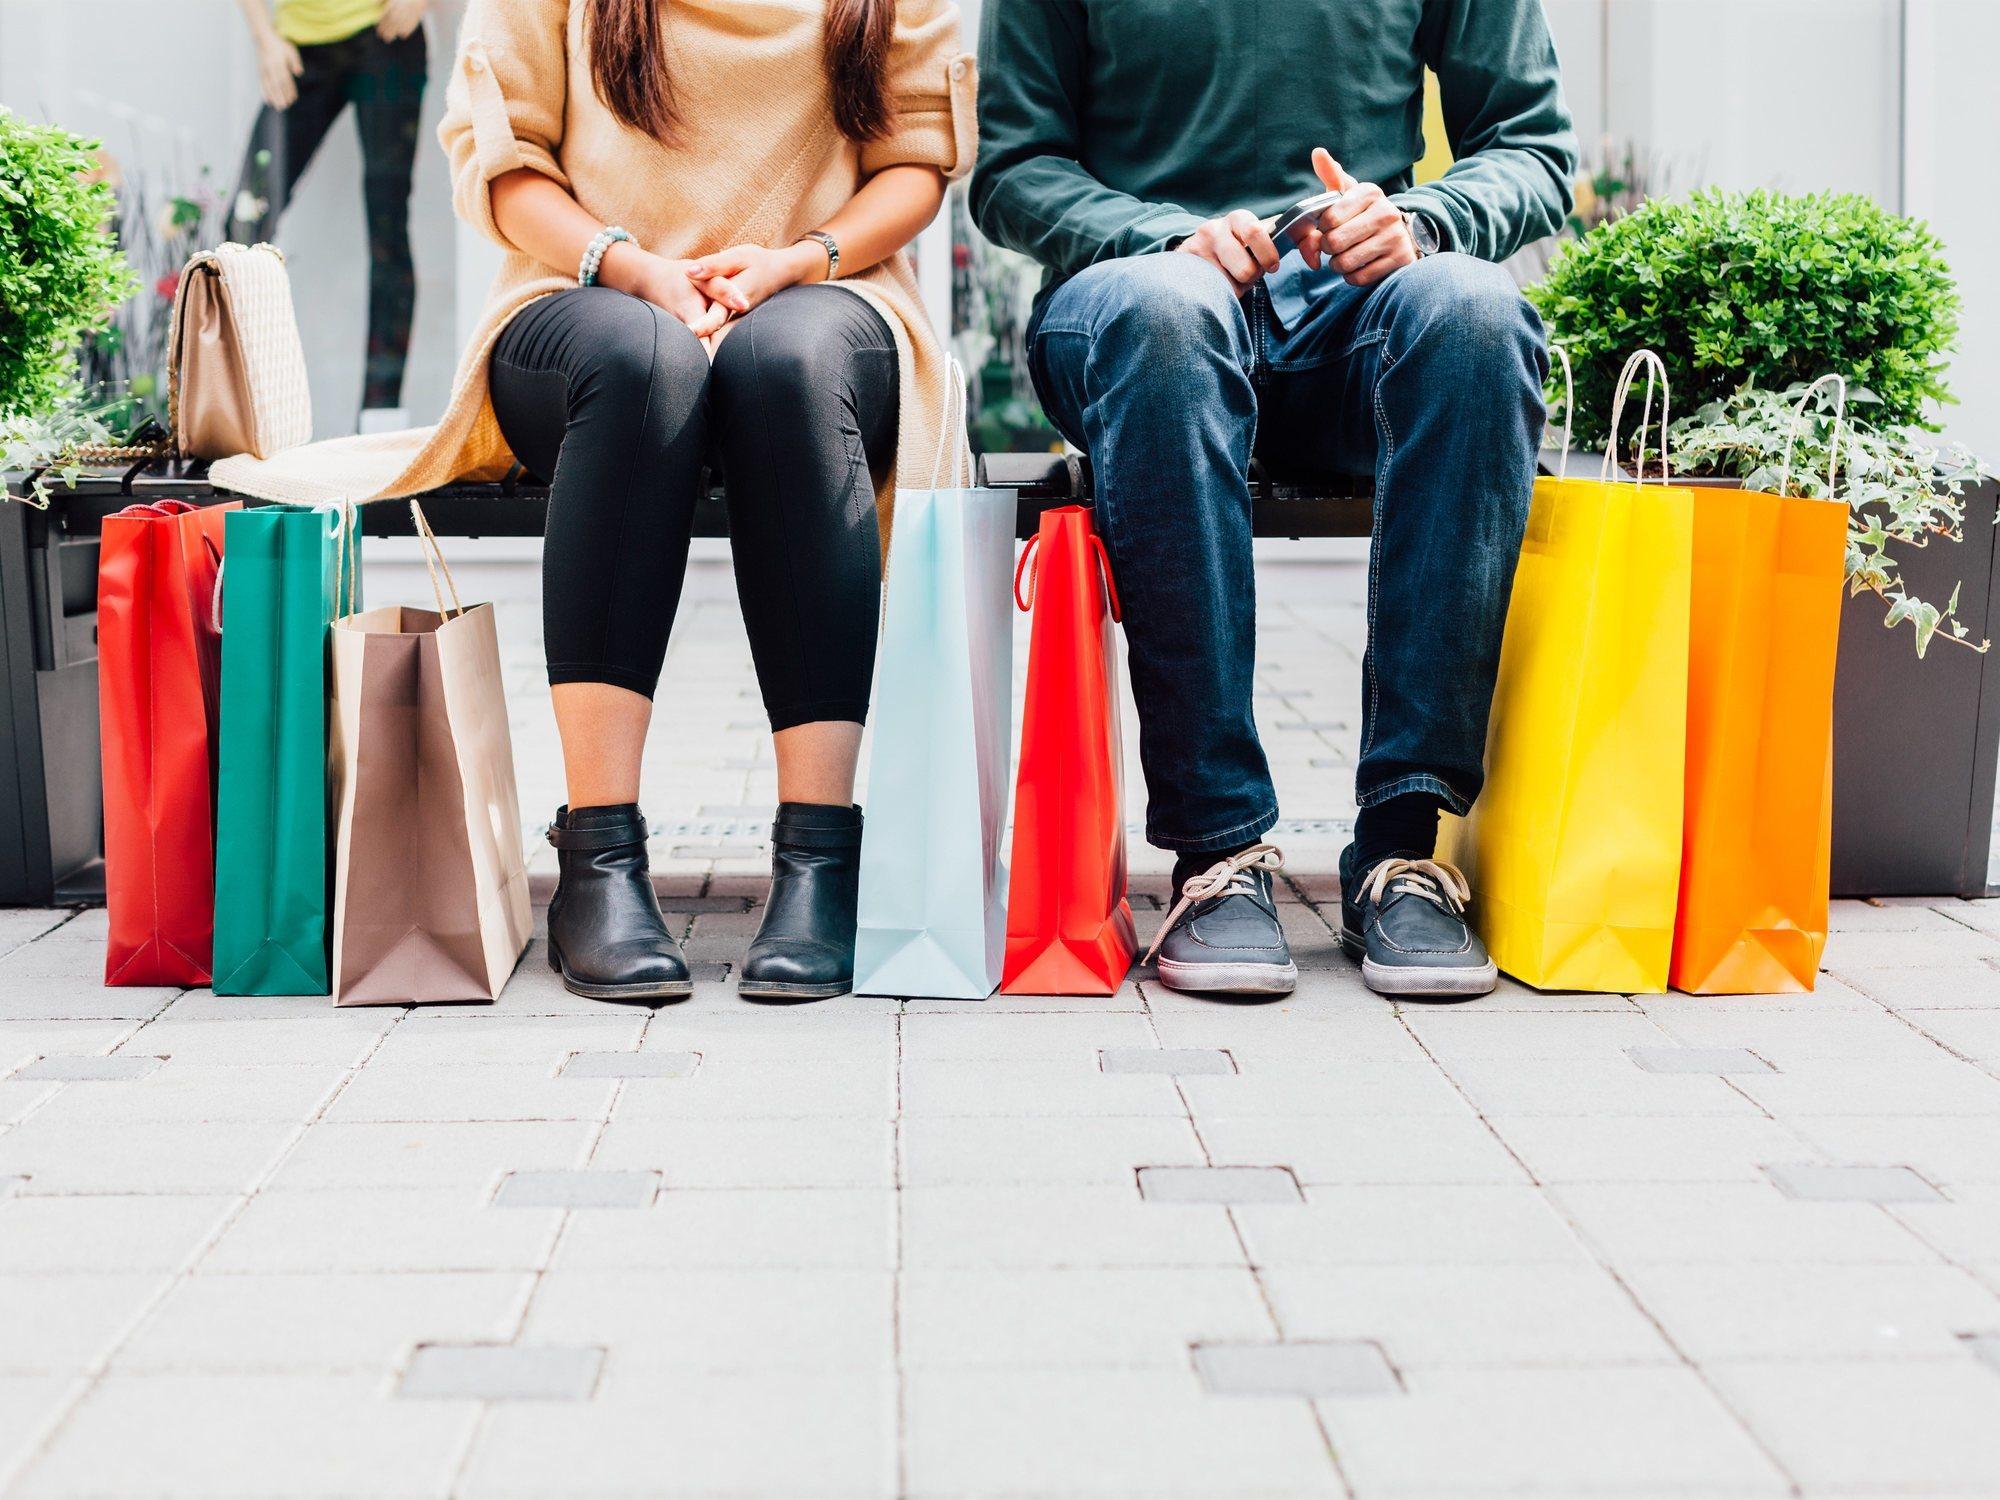 Black Friday 2019: Todo lo que necesitas saber y guía de compras